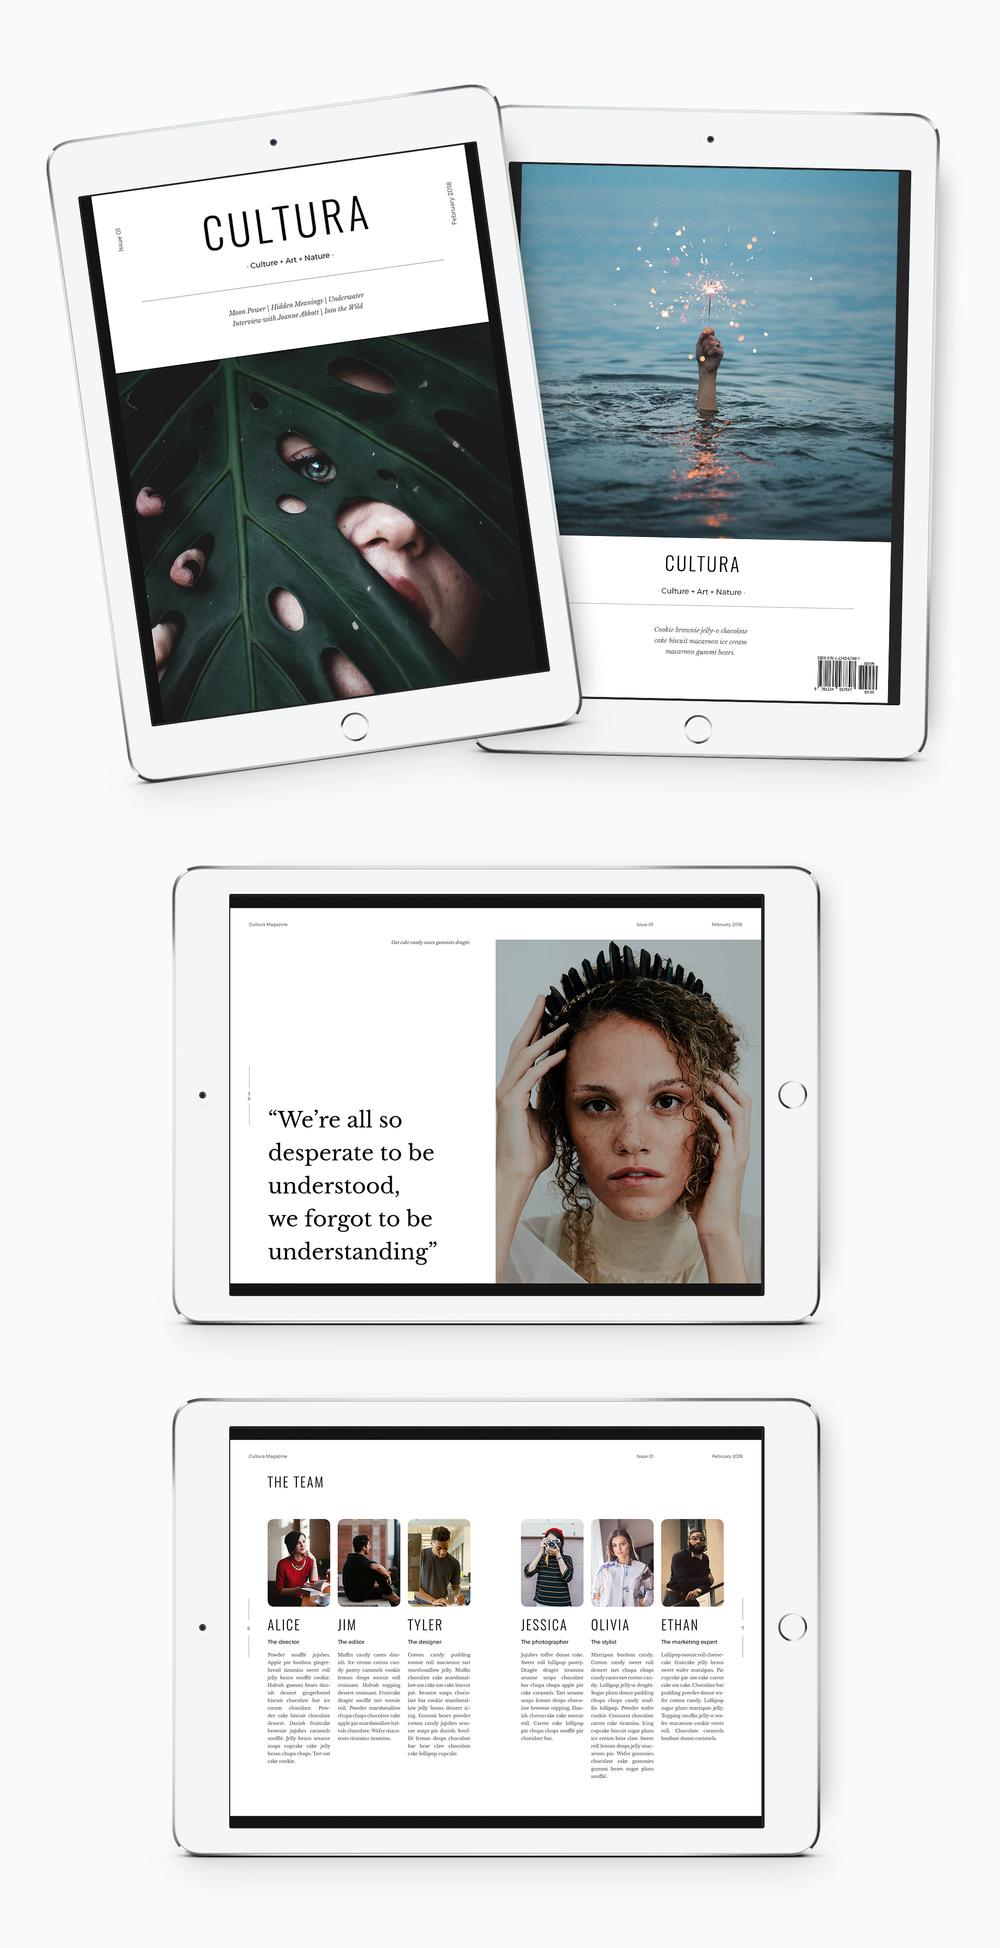 cultura-magazine-mockup-ipad.png